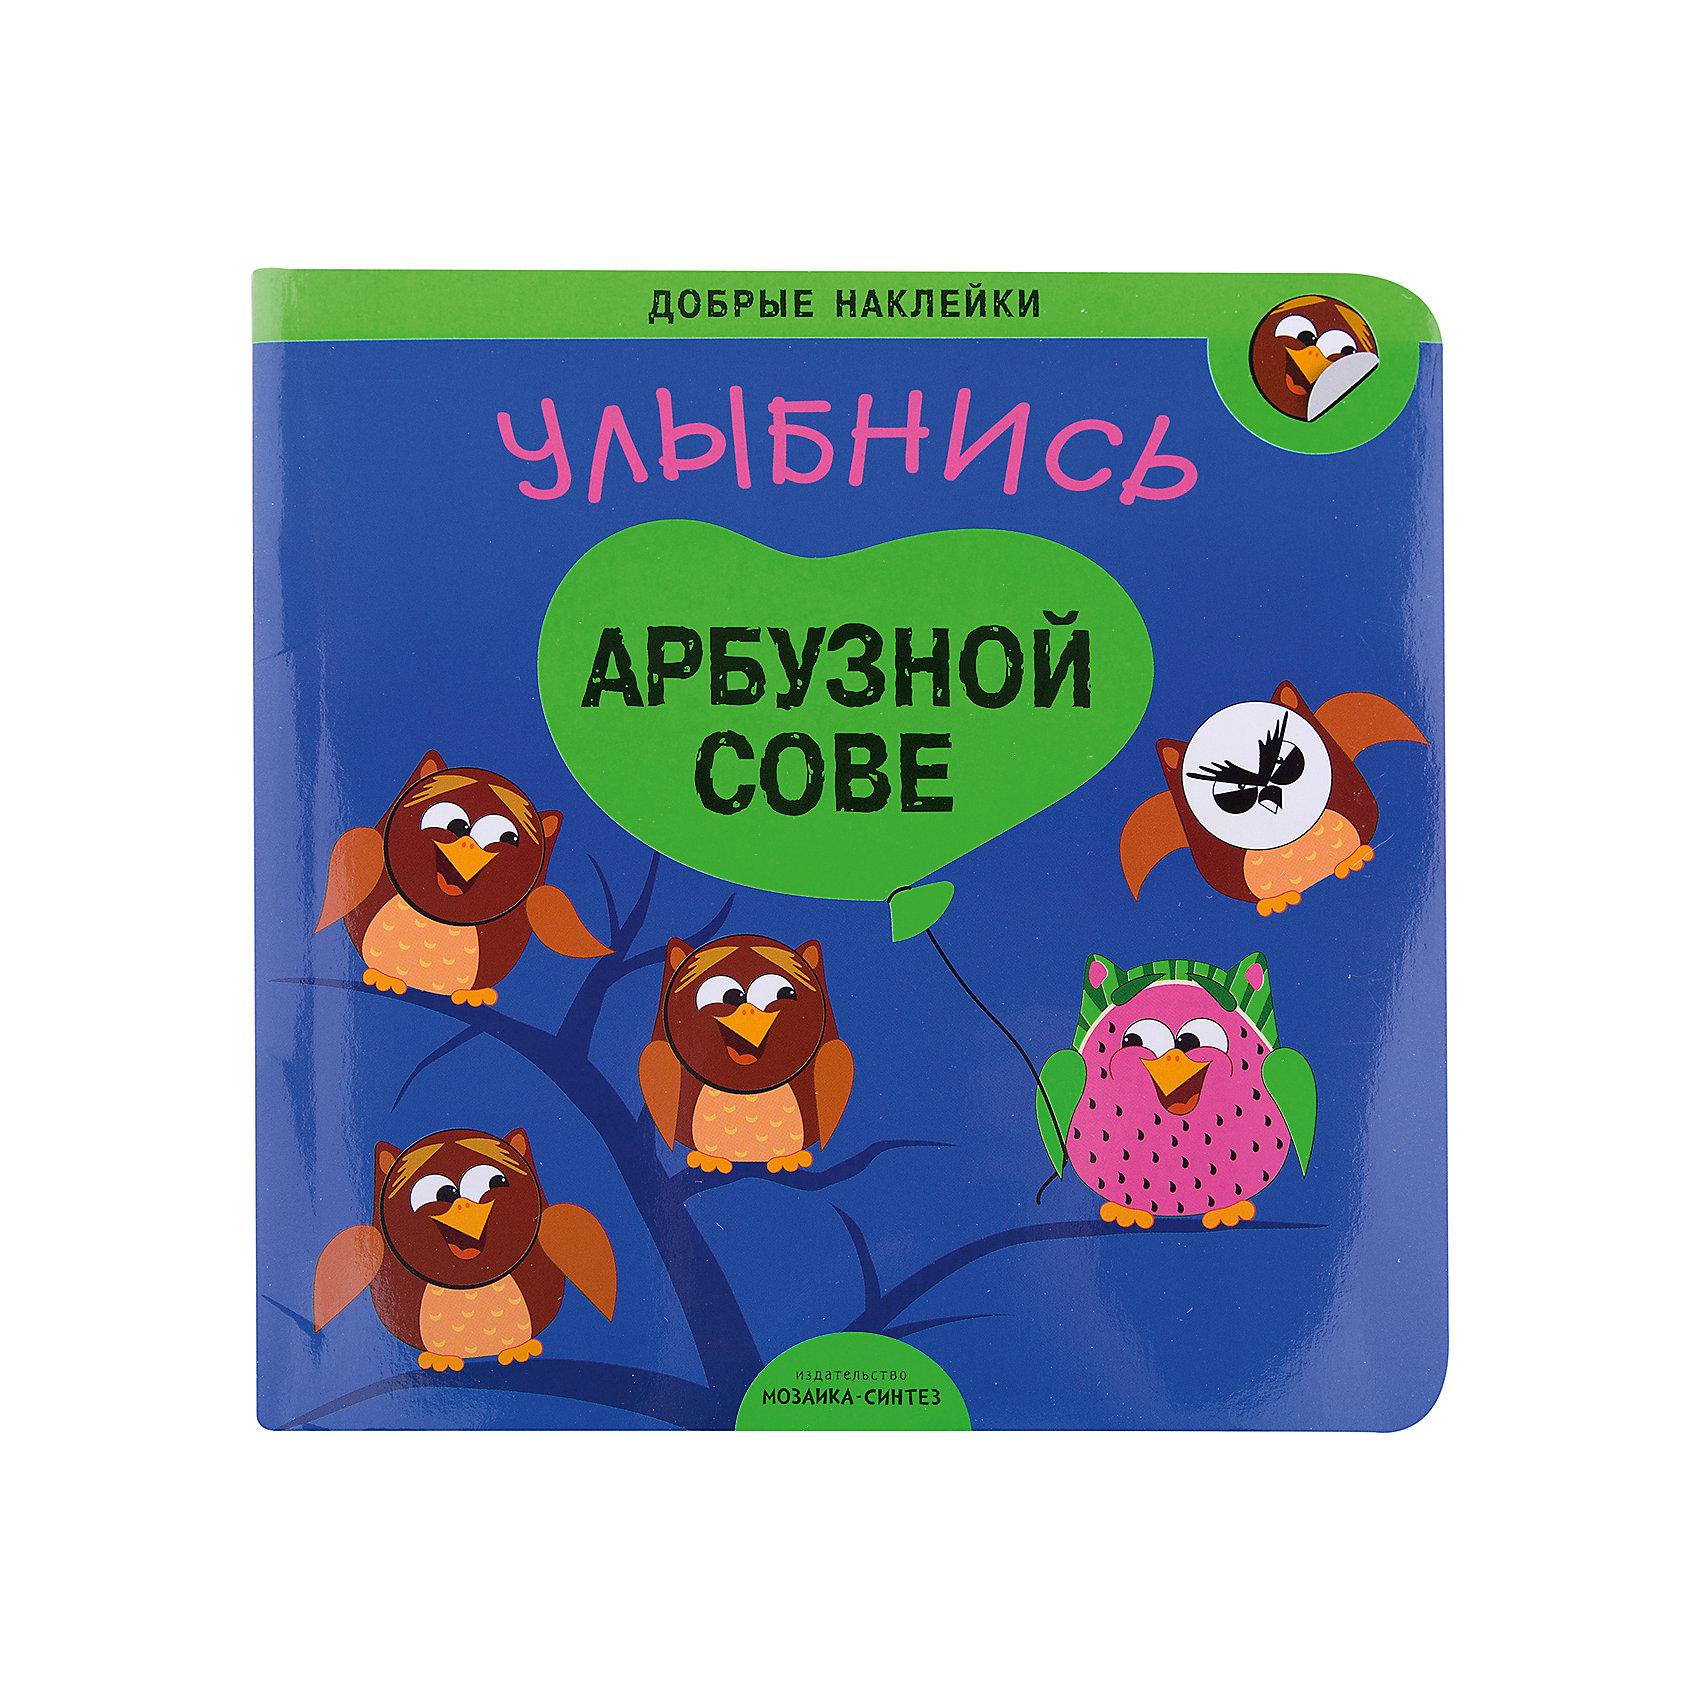 Наклейки Улыбнись арбузной совеКнижки с наклейками<br>Наклейки «Улыбнись арбузной сове»<br><br>Характеристики:<br>• издательство: Мозаика-Синтез;<br>• размер: 22,5х22,5 см.;<br>• количество страниц: 12;<br>• тип обложки: мягкая;<br>• иллюстрации: цветные;<br>• ISBN: 9785431510731;<br>• вес: 80 г.;<br>• для детей в возрасте: от 3-х лет;<br>• страна производитель: Россия.<br>Книжка с наклейками из серии «Добрые наклейки» предназначена для занятий с детьми и закреплению навыков счёта. Забавные животные хмурятся на каждой страничке, ребёнку необходимо наклеить им новые выражения лица, ведь при виде такой смешной арбузной совы, мохнатой улитки или пятнистого медведя так трудно сдержать улыбку. Ребёнок сможет изучать эмоции и вместе с тем считать животных на картинках. Занимаясь с этой книжкой дети смогут развивать мелкую моторику рук, логическое мышление, чувство цвета, творческие способности. <br>Наклейки «Улыбнись арбузной сове» можно купить в нашем интернет-магазине.<br><br>Ширина мм: 20<br>Глубина мм: 225<br>Высота мм: 225<br>Вес г: 80<br>Возраст от месяцев: 36<br>Возраст до месяцев: 72<br>Пол: Унисекс<br>Возраст: Детский<br>SKU: 5562636